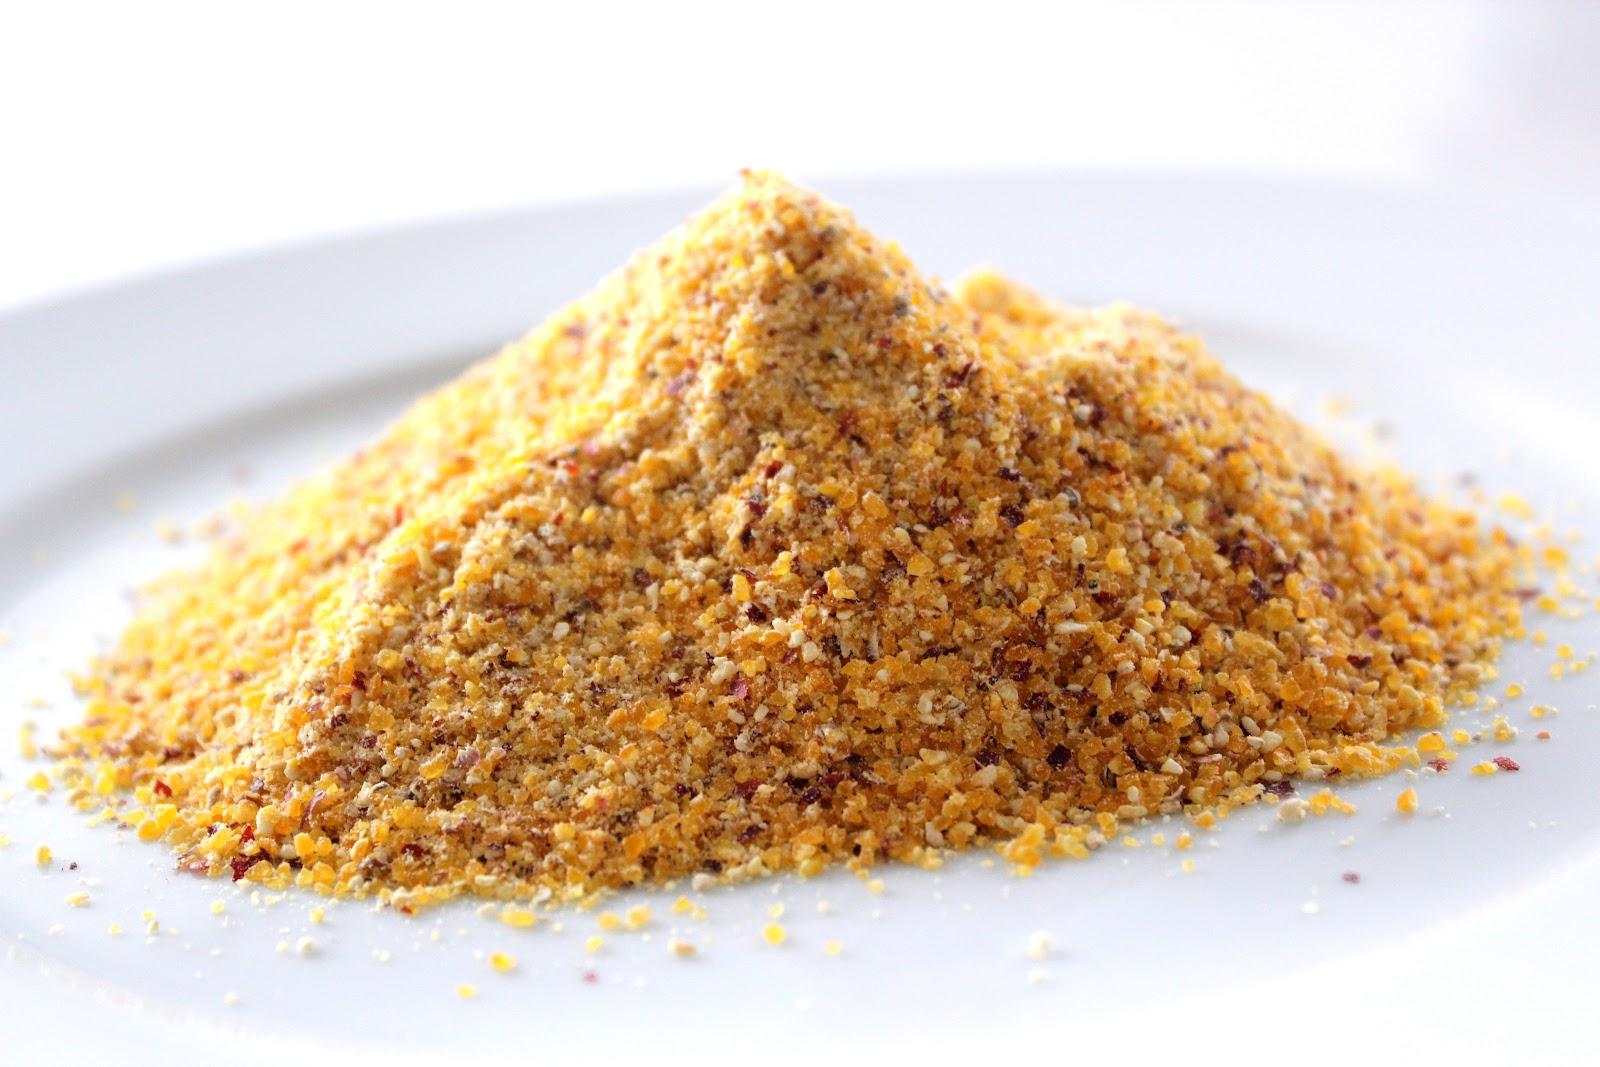 Rote Polenta aus dem Tessin, grob gemahlen wie Bramata, aus Rotem Tessiner, einer eigenen Maissorte | Arthurs Tochter Kocht by Astrid Paul